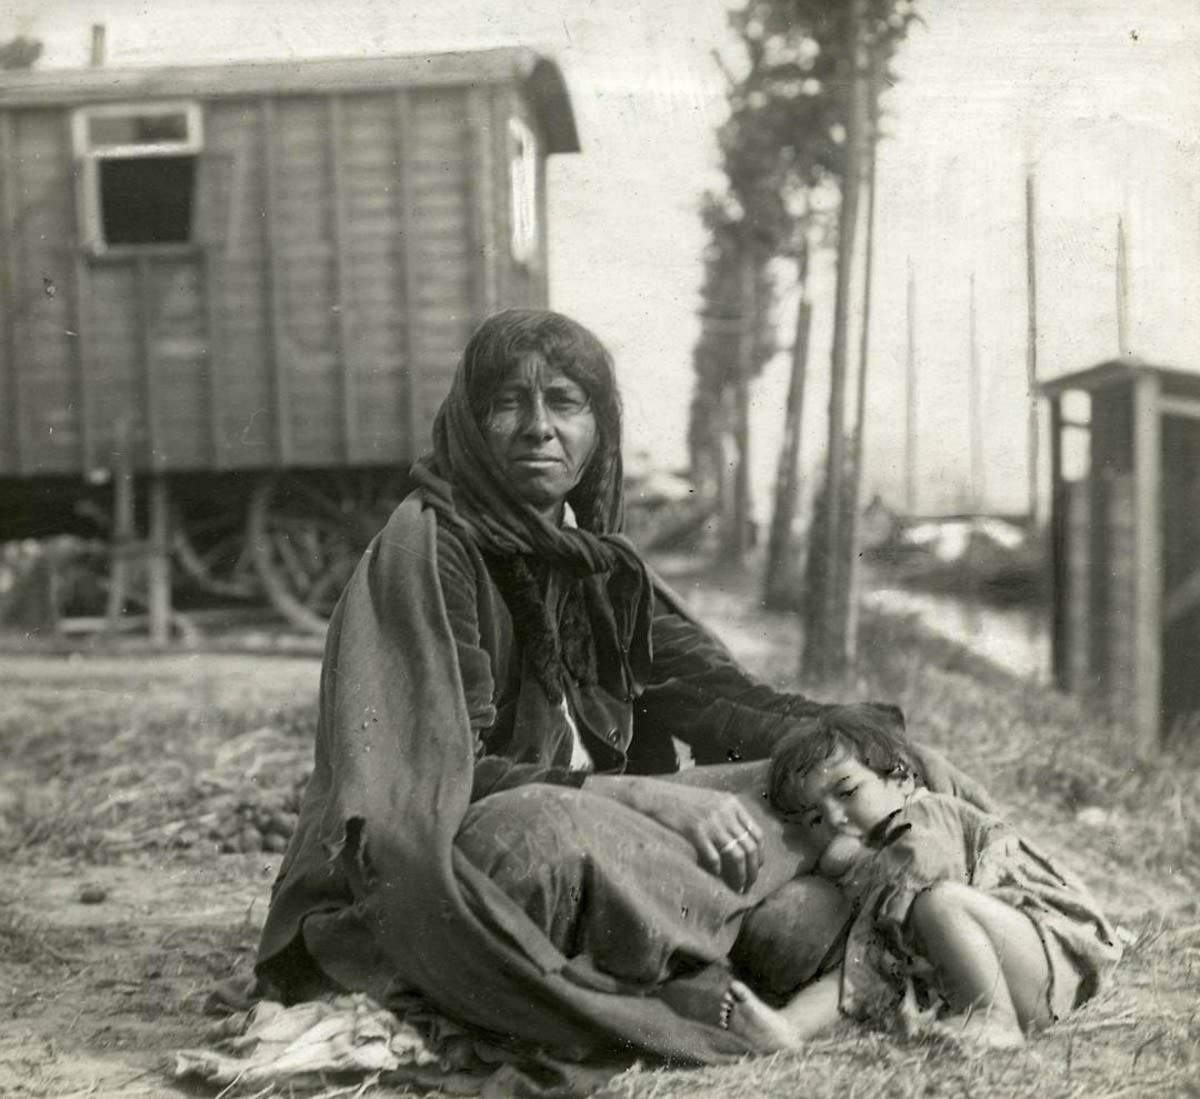 A vida dos ciganos na Europa antes da Segunda Guerra Mundial 02